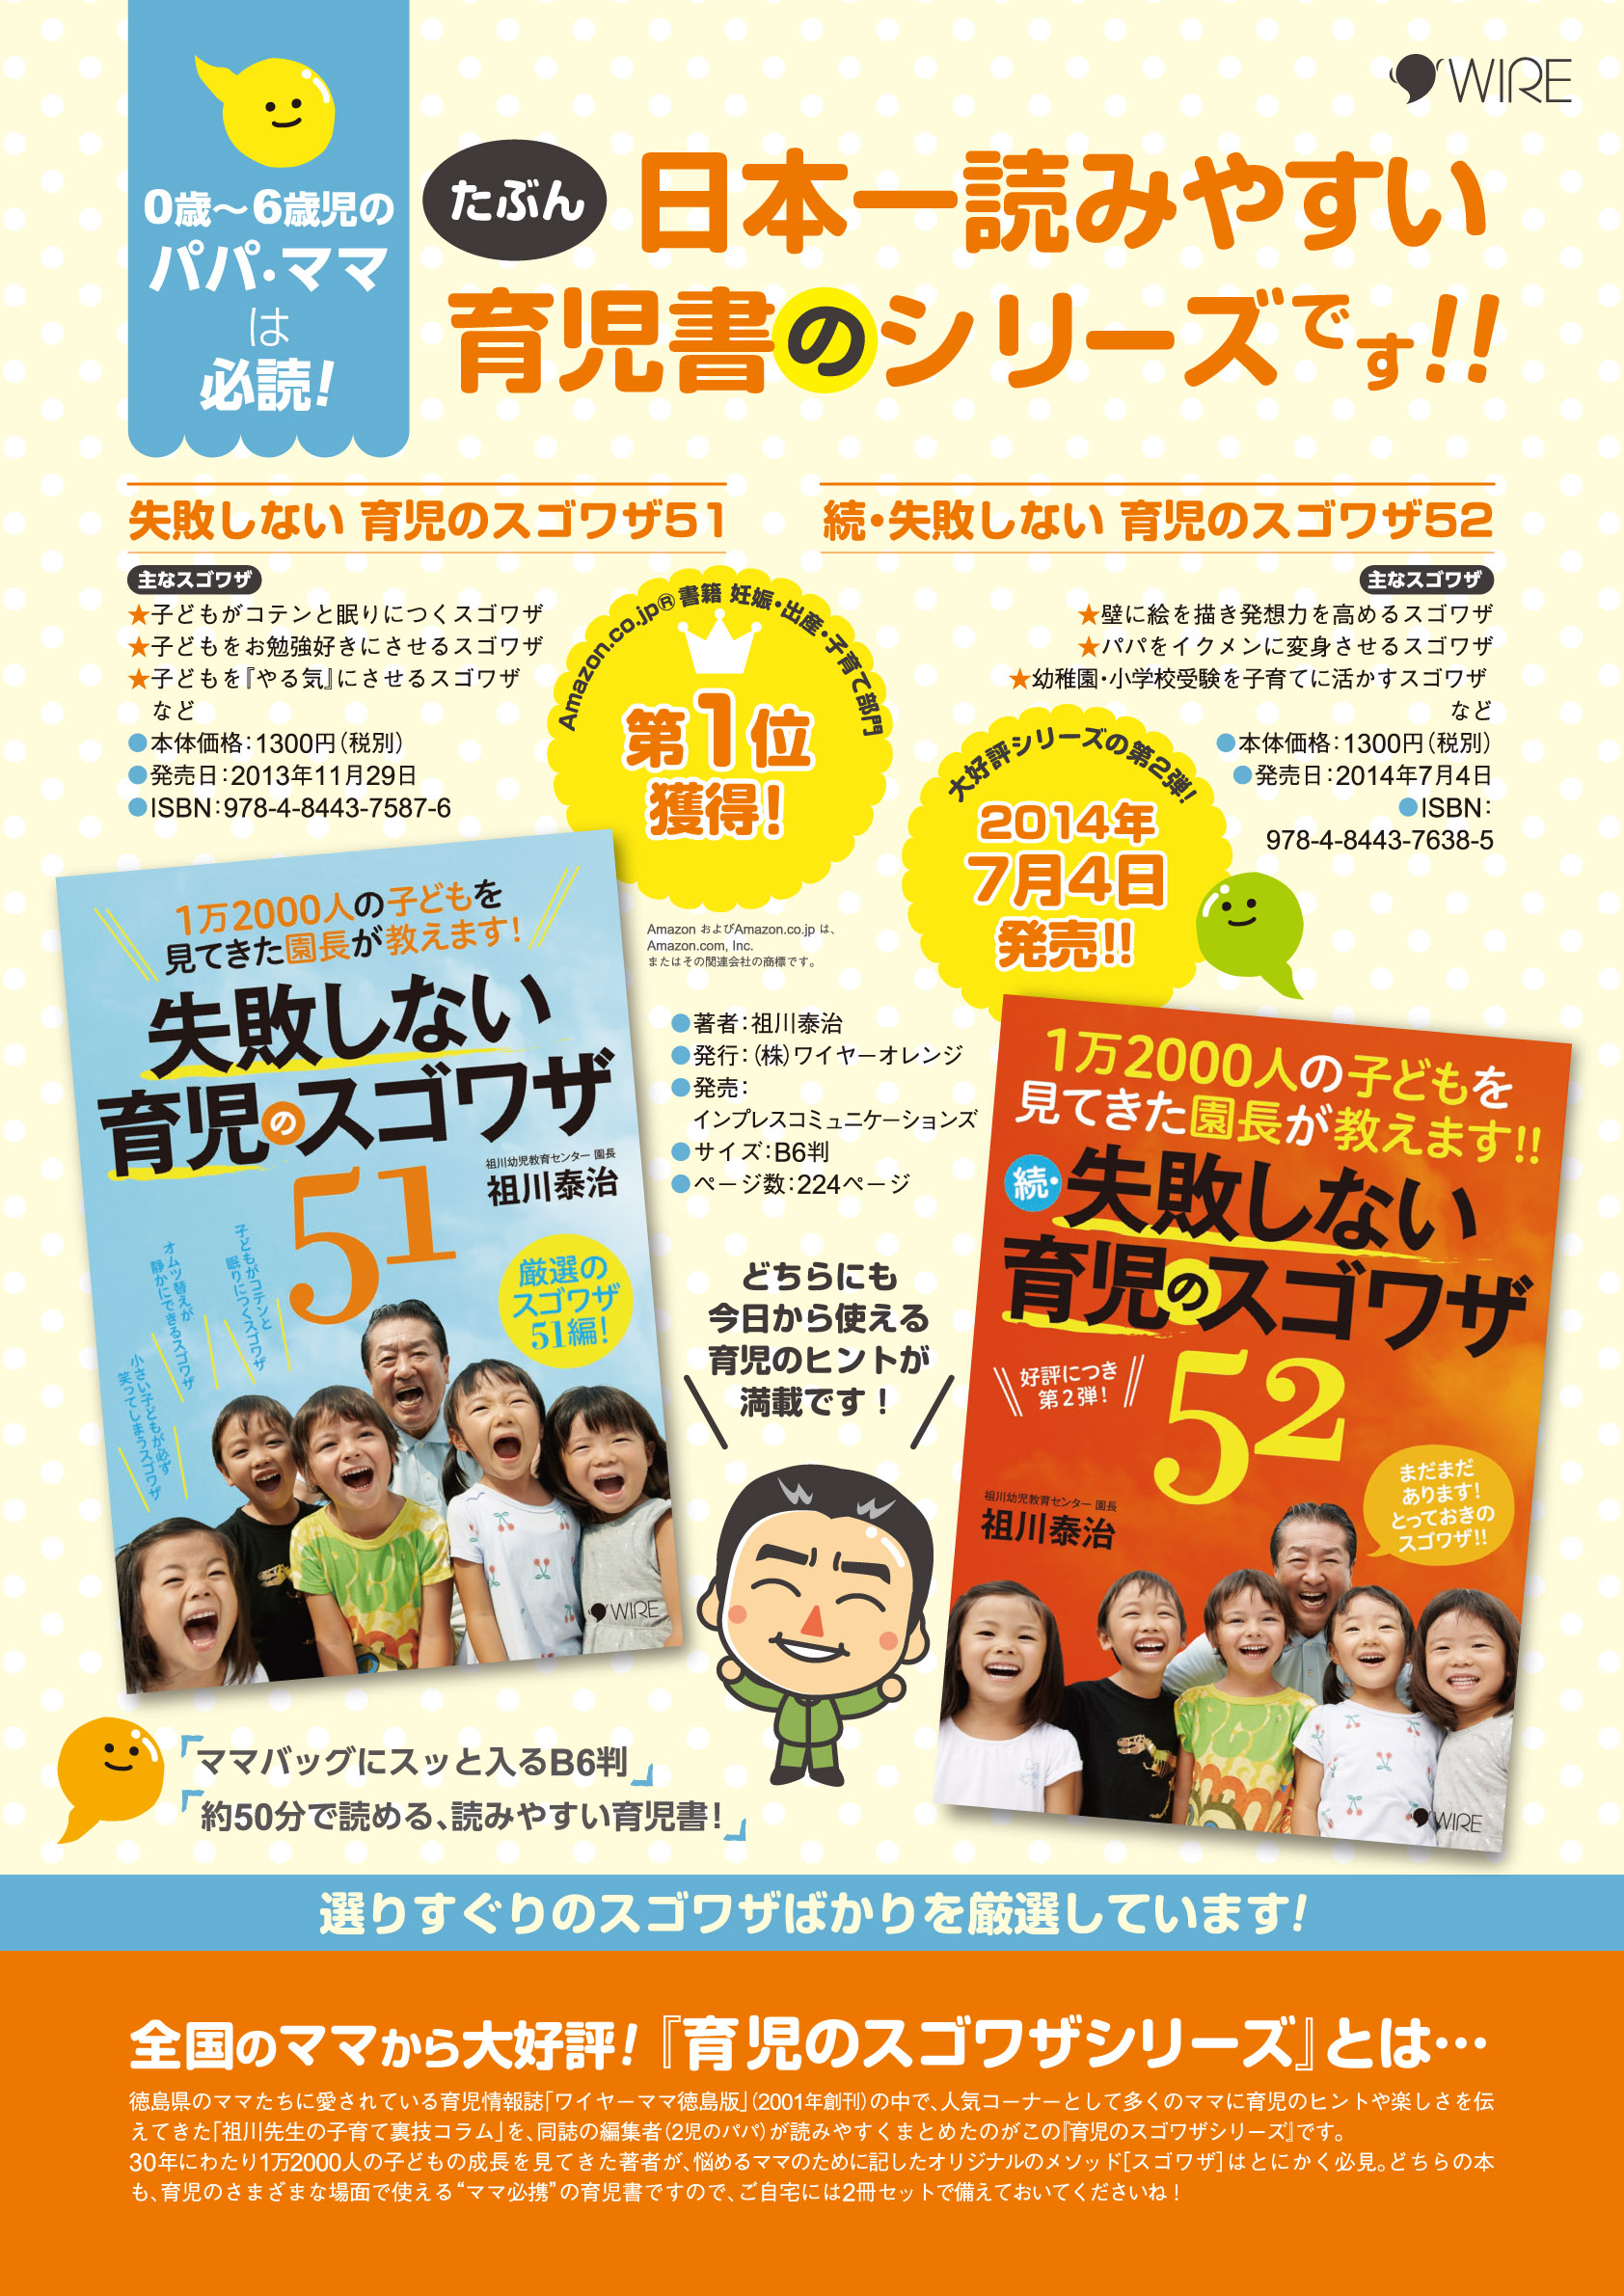 """0~6歳児のママ&パパは特に必読! """"日本一読みやすい育児書""""の第二弾!! 幼児教育界の名物園長がすべてのお母さんのために書き下ろした、 1万2000人の子どもを見てきた園長が教えます!『続・失敗しない育児のスゴワザ52』発売!"""